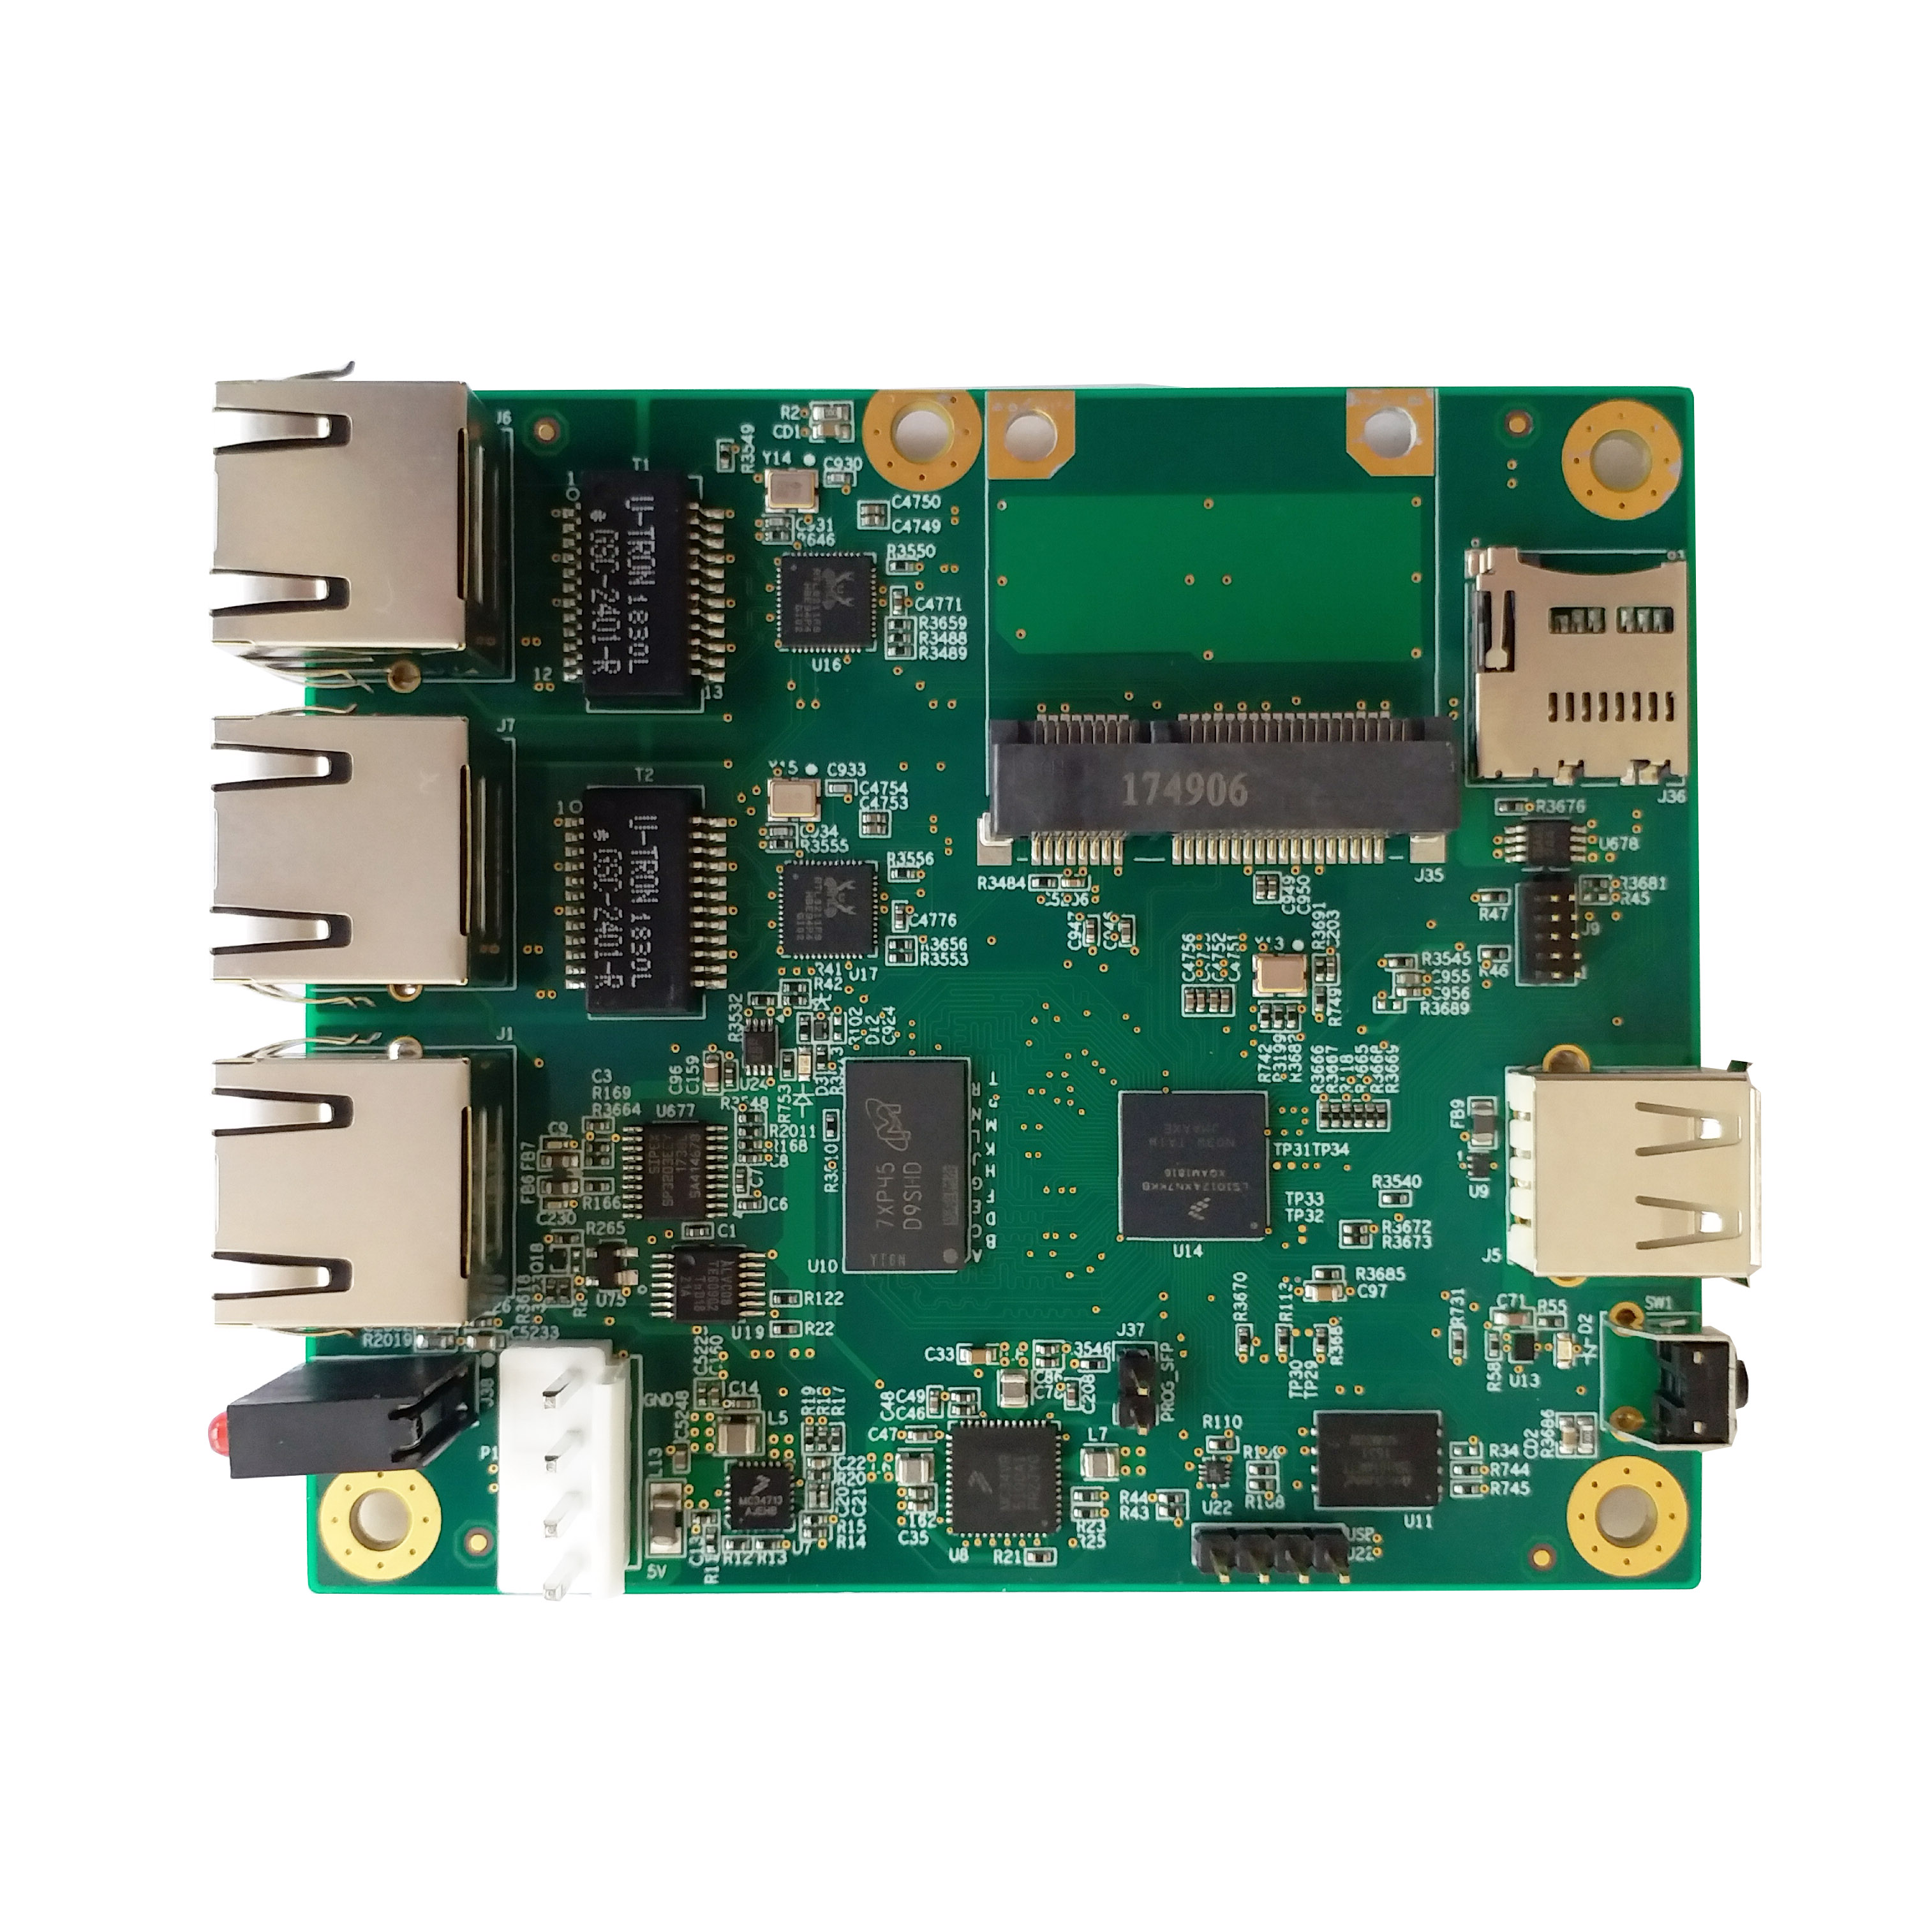 基于ARM工控主板的NXP_LS1012A特征